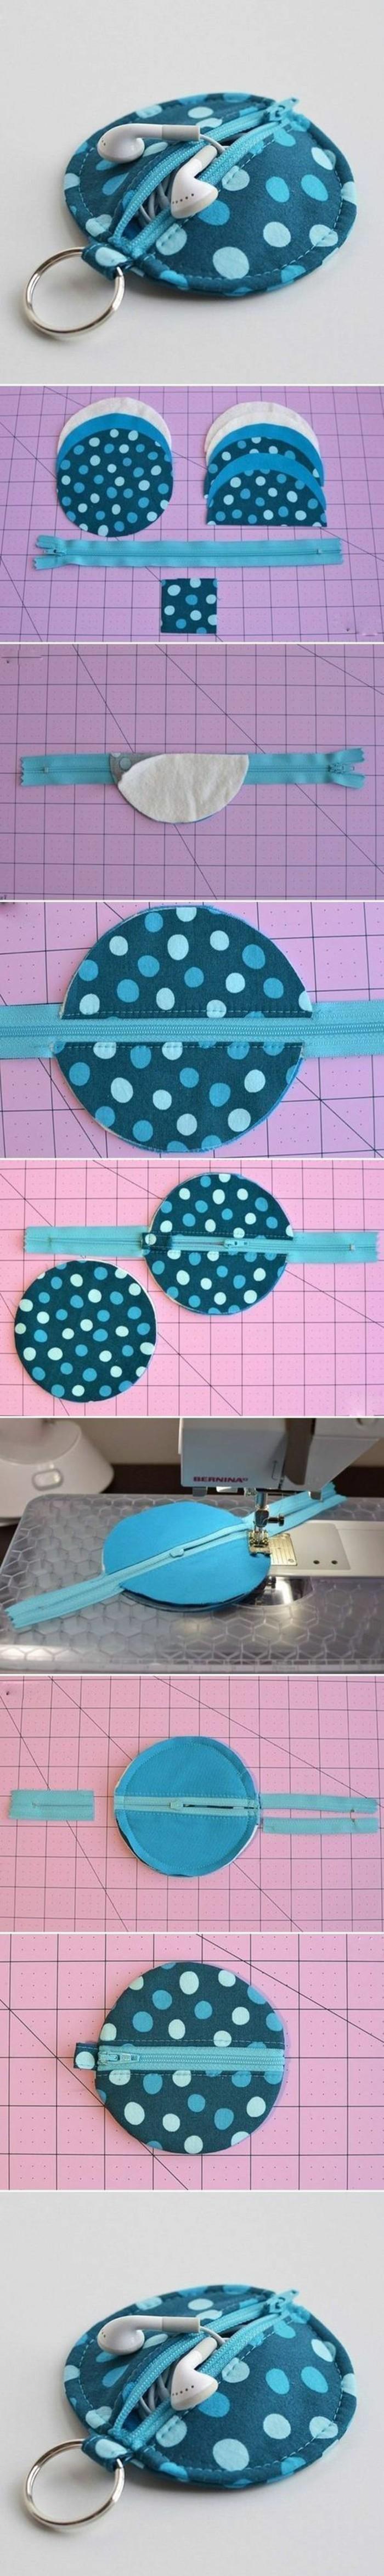 kreative-geschenkideen-interessante-verpackung-in-blau-horer